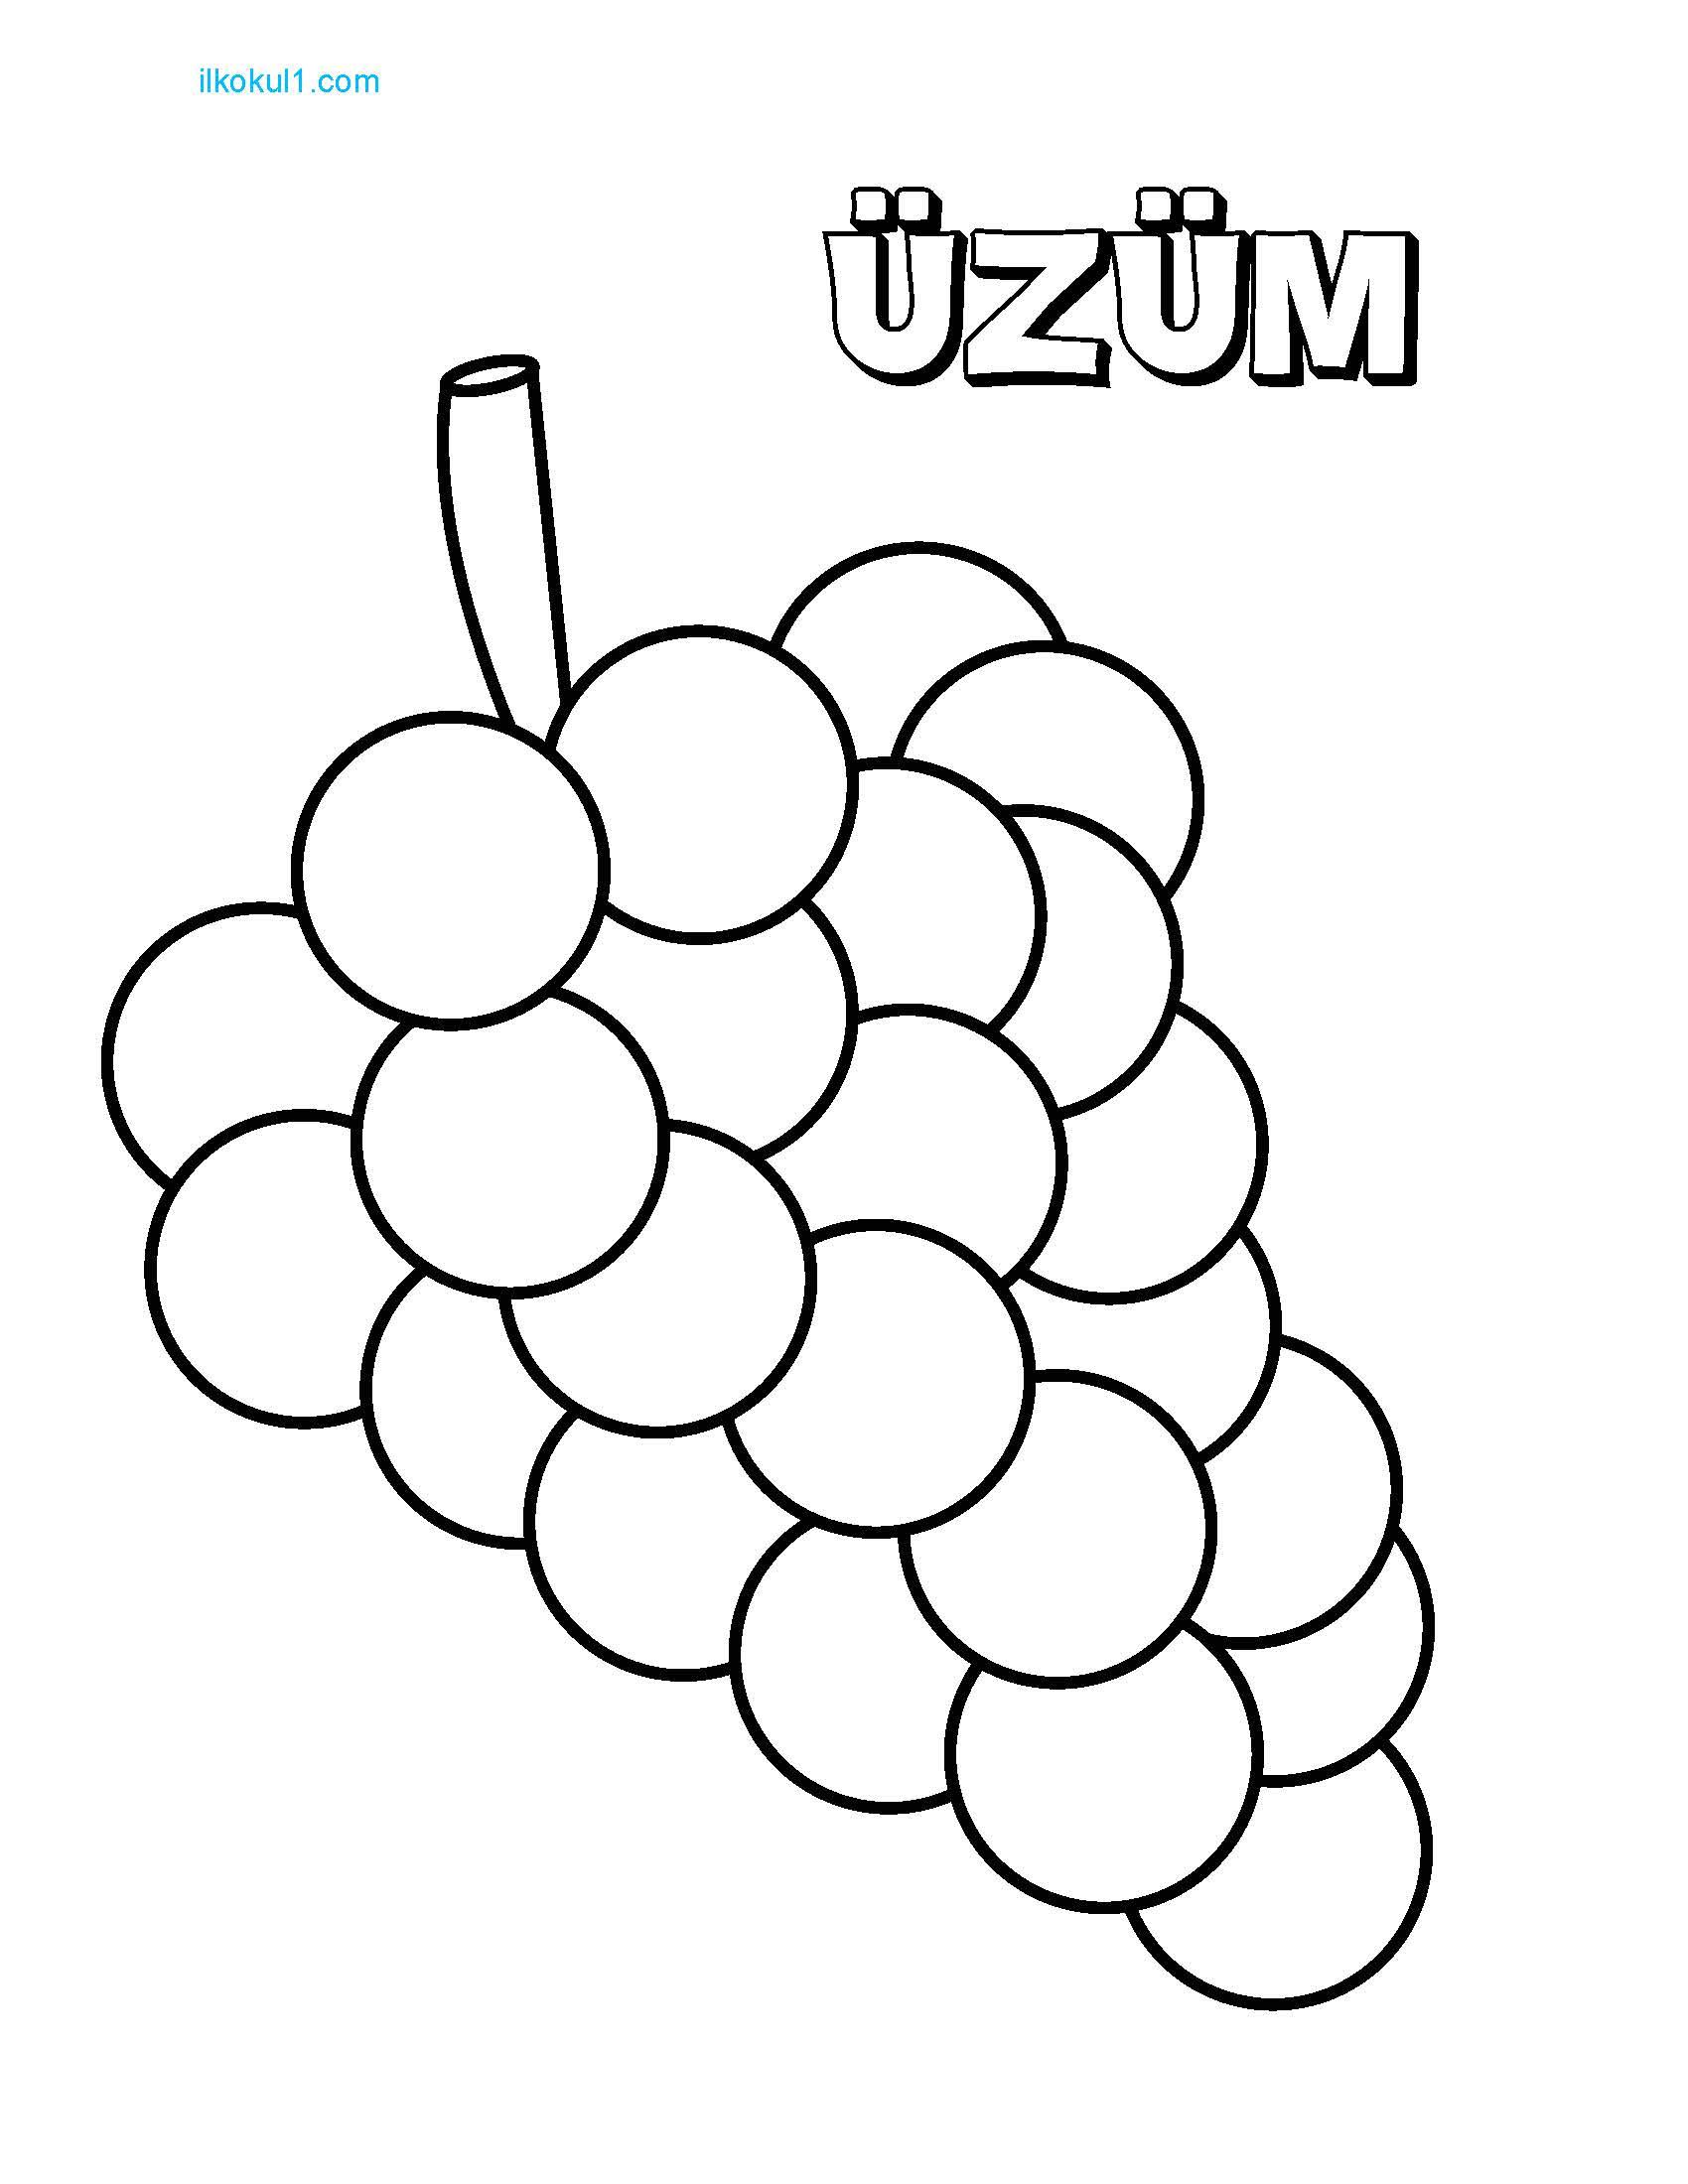 Meyve Boyama Sablonu Sinif Ogretmenleri Icin Ucretsiz Ozgun